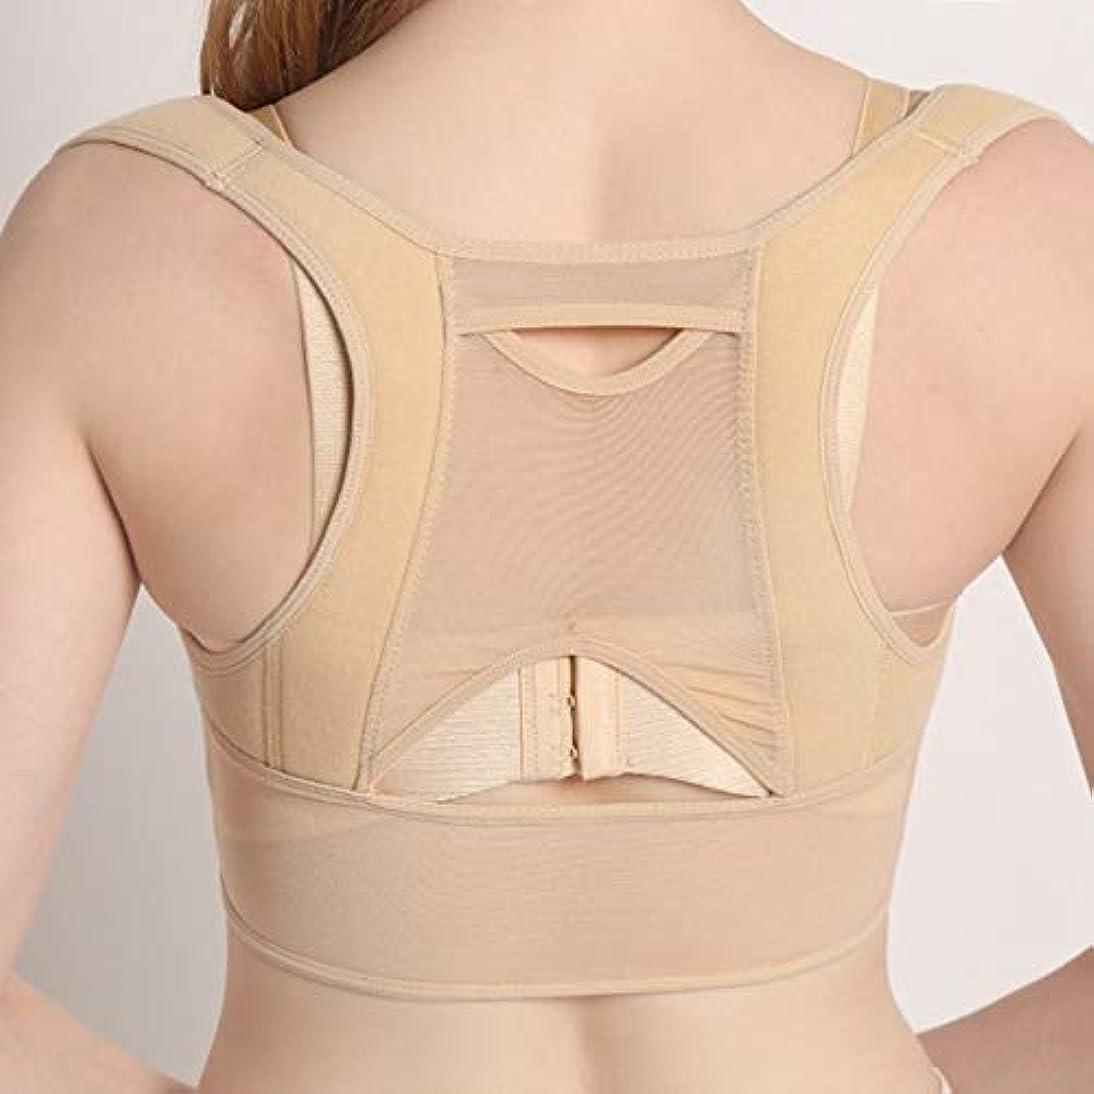 真夜中普遍的なスパイラル通気性のある女性の背中の姿勢矯正コルセット整形外科の肩の背骨の姿勢矯正腰椎サポート - ベージュホワイトM